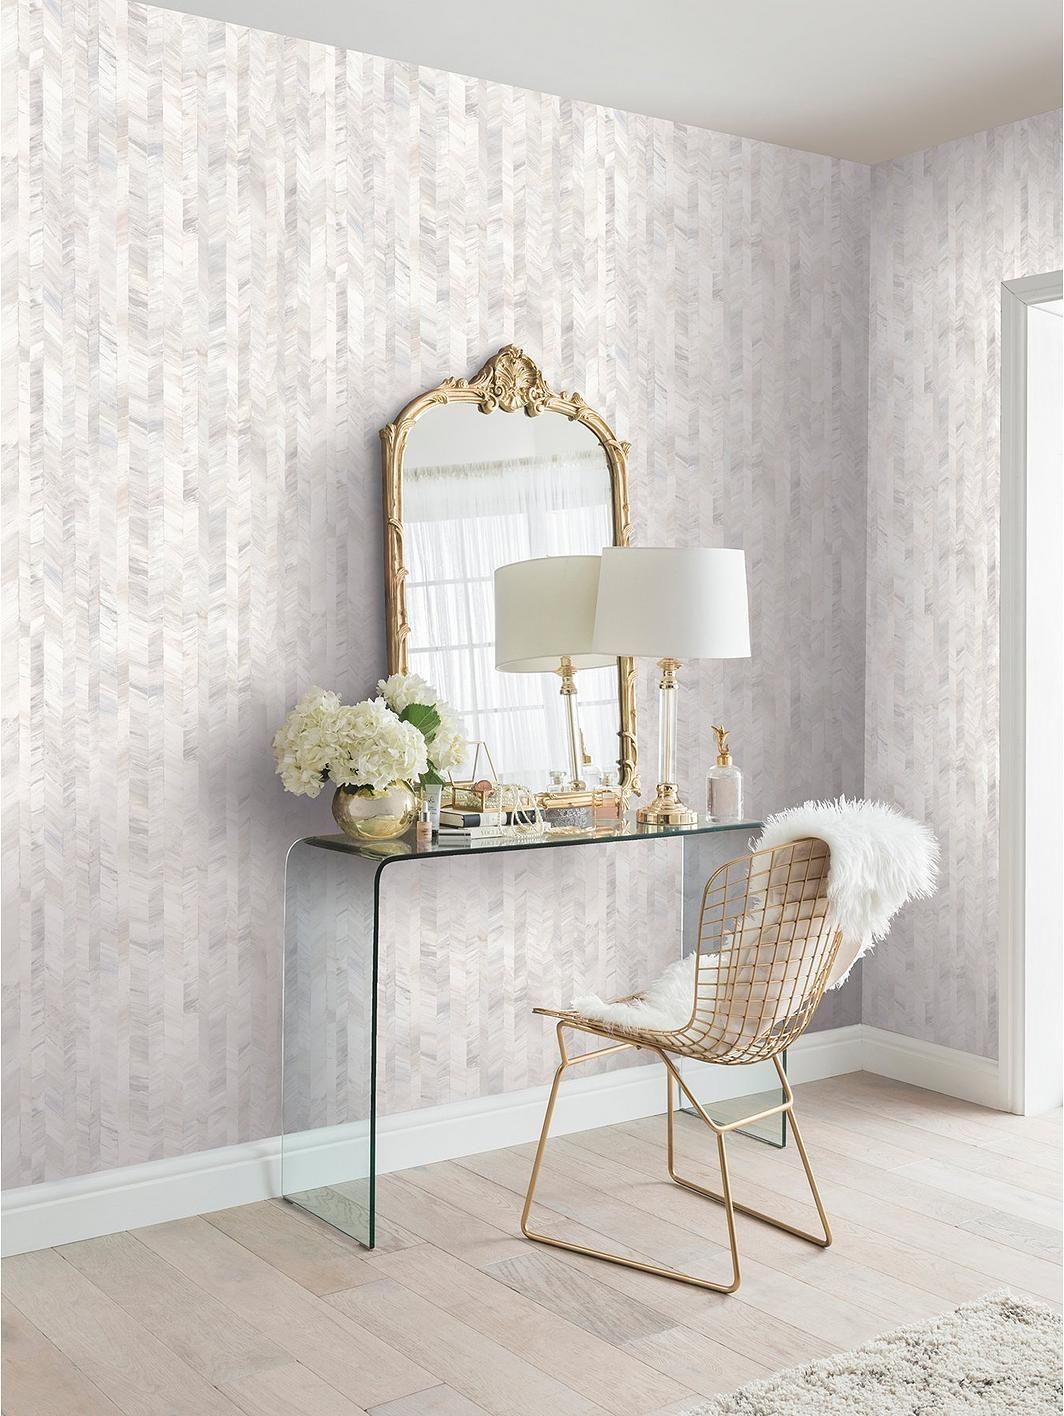 33+ Living room wallpaper 2020 information